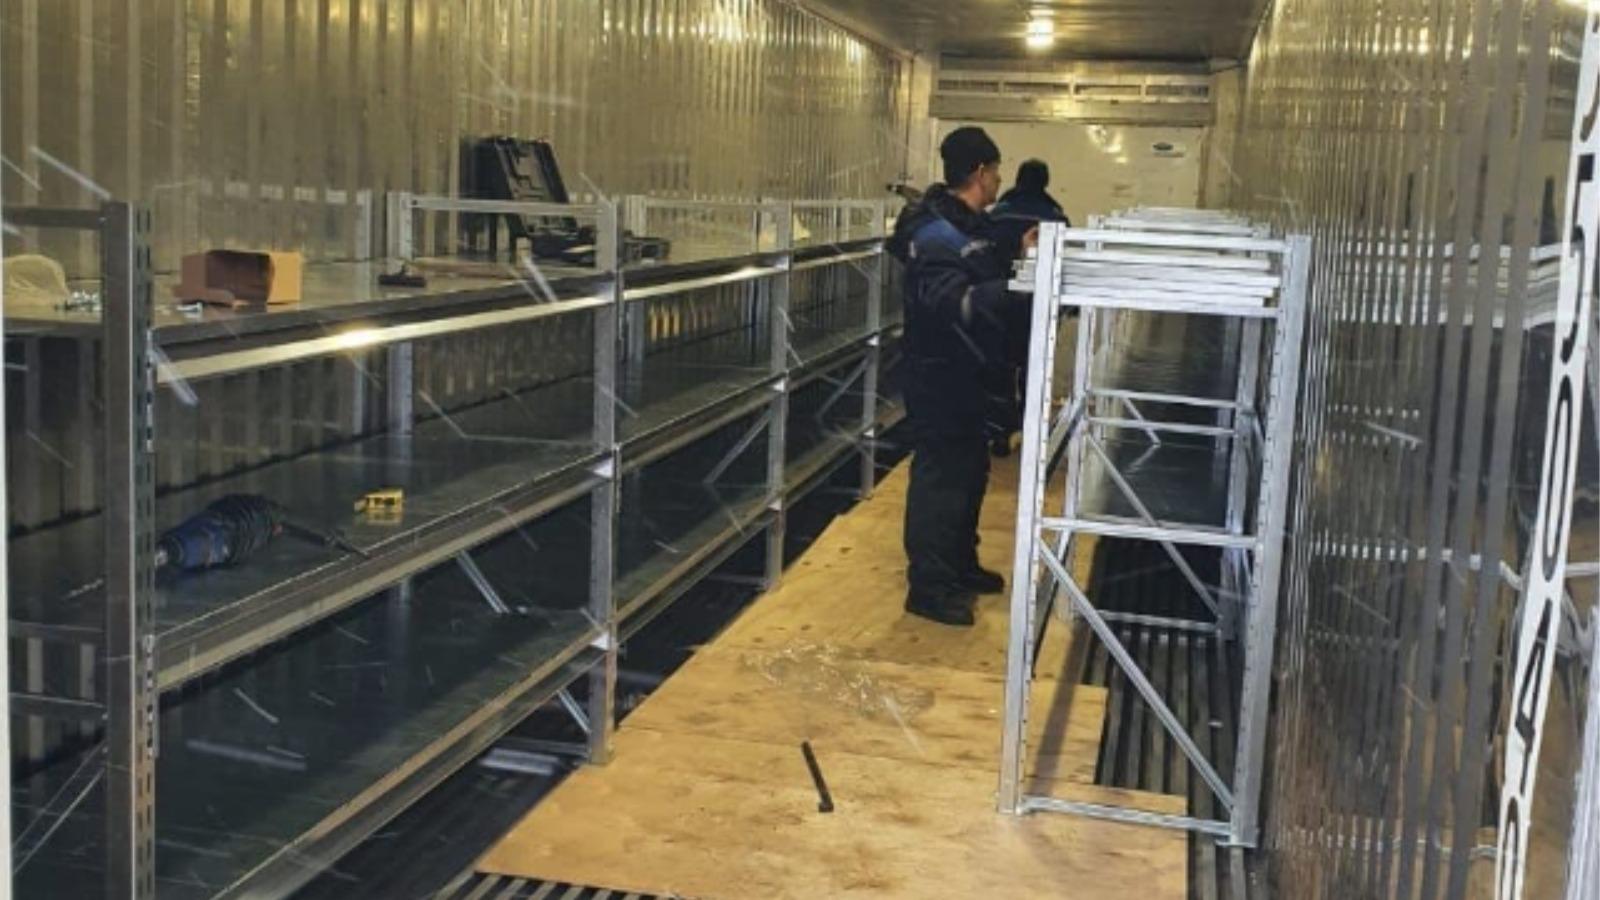 В Барнауле установили рефрижиратор для хранения трупов, чтобы разгрузить морг